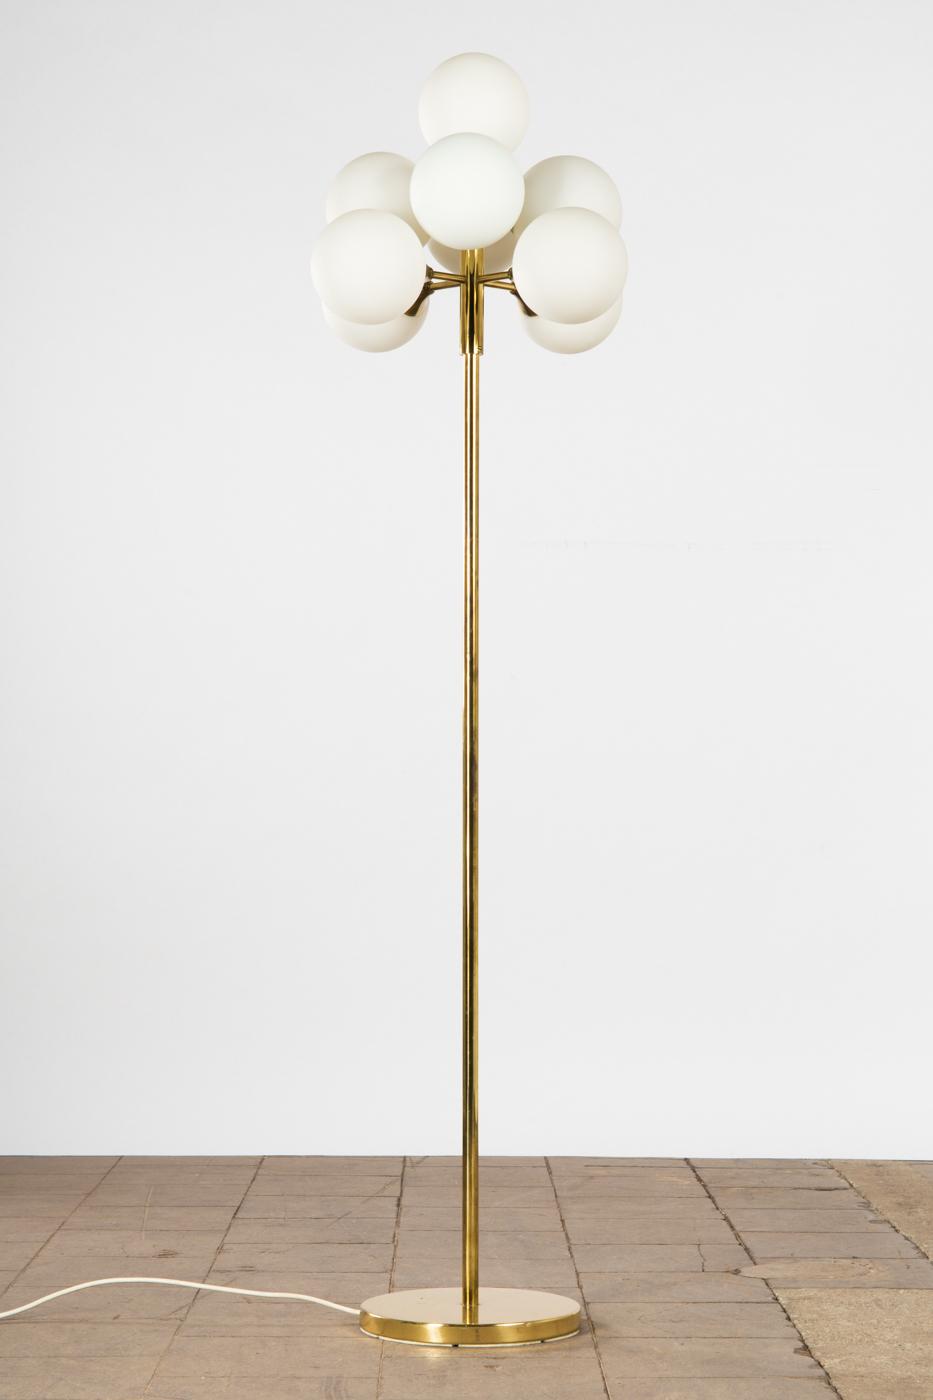 Max Bill Stehlampe Leuchte Lampe Schweiz Metall Und Glas Ca